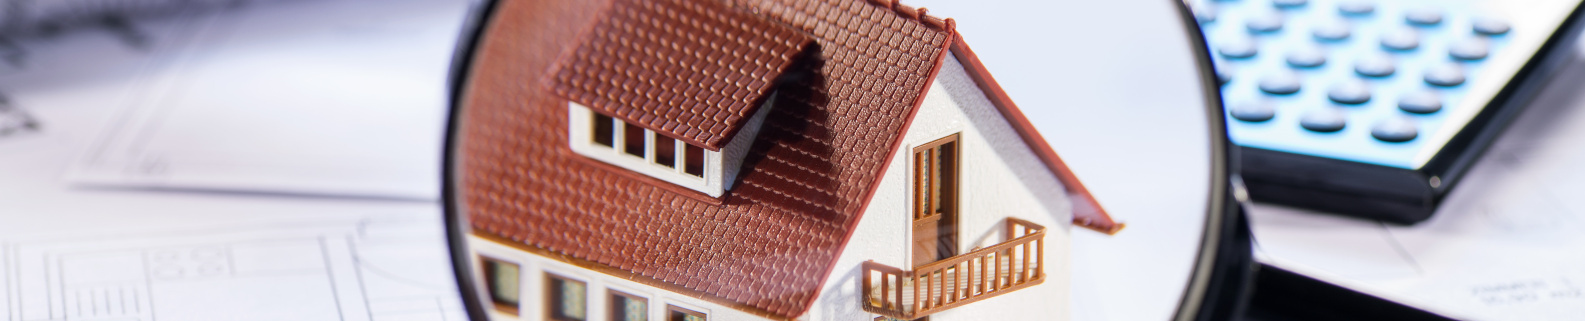 Haus in Fokus einer Lupe - Papiere